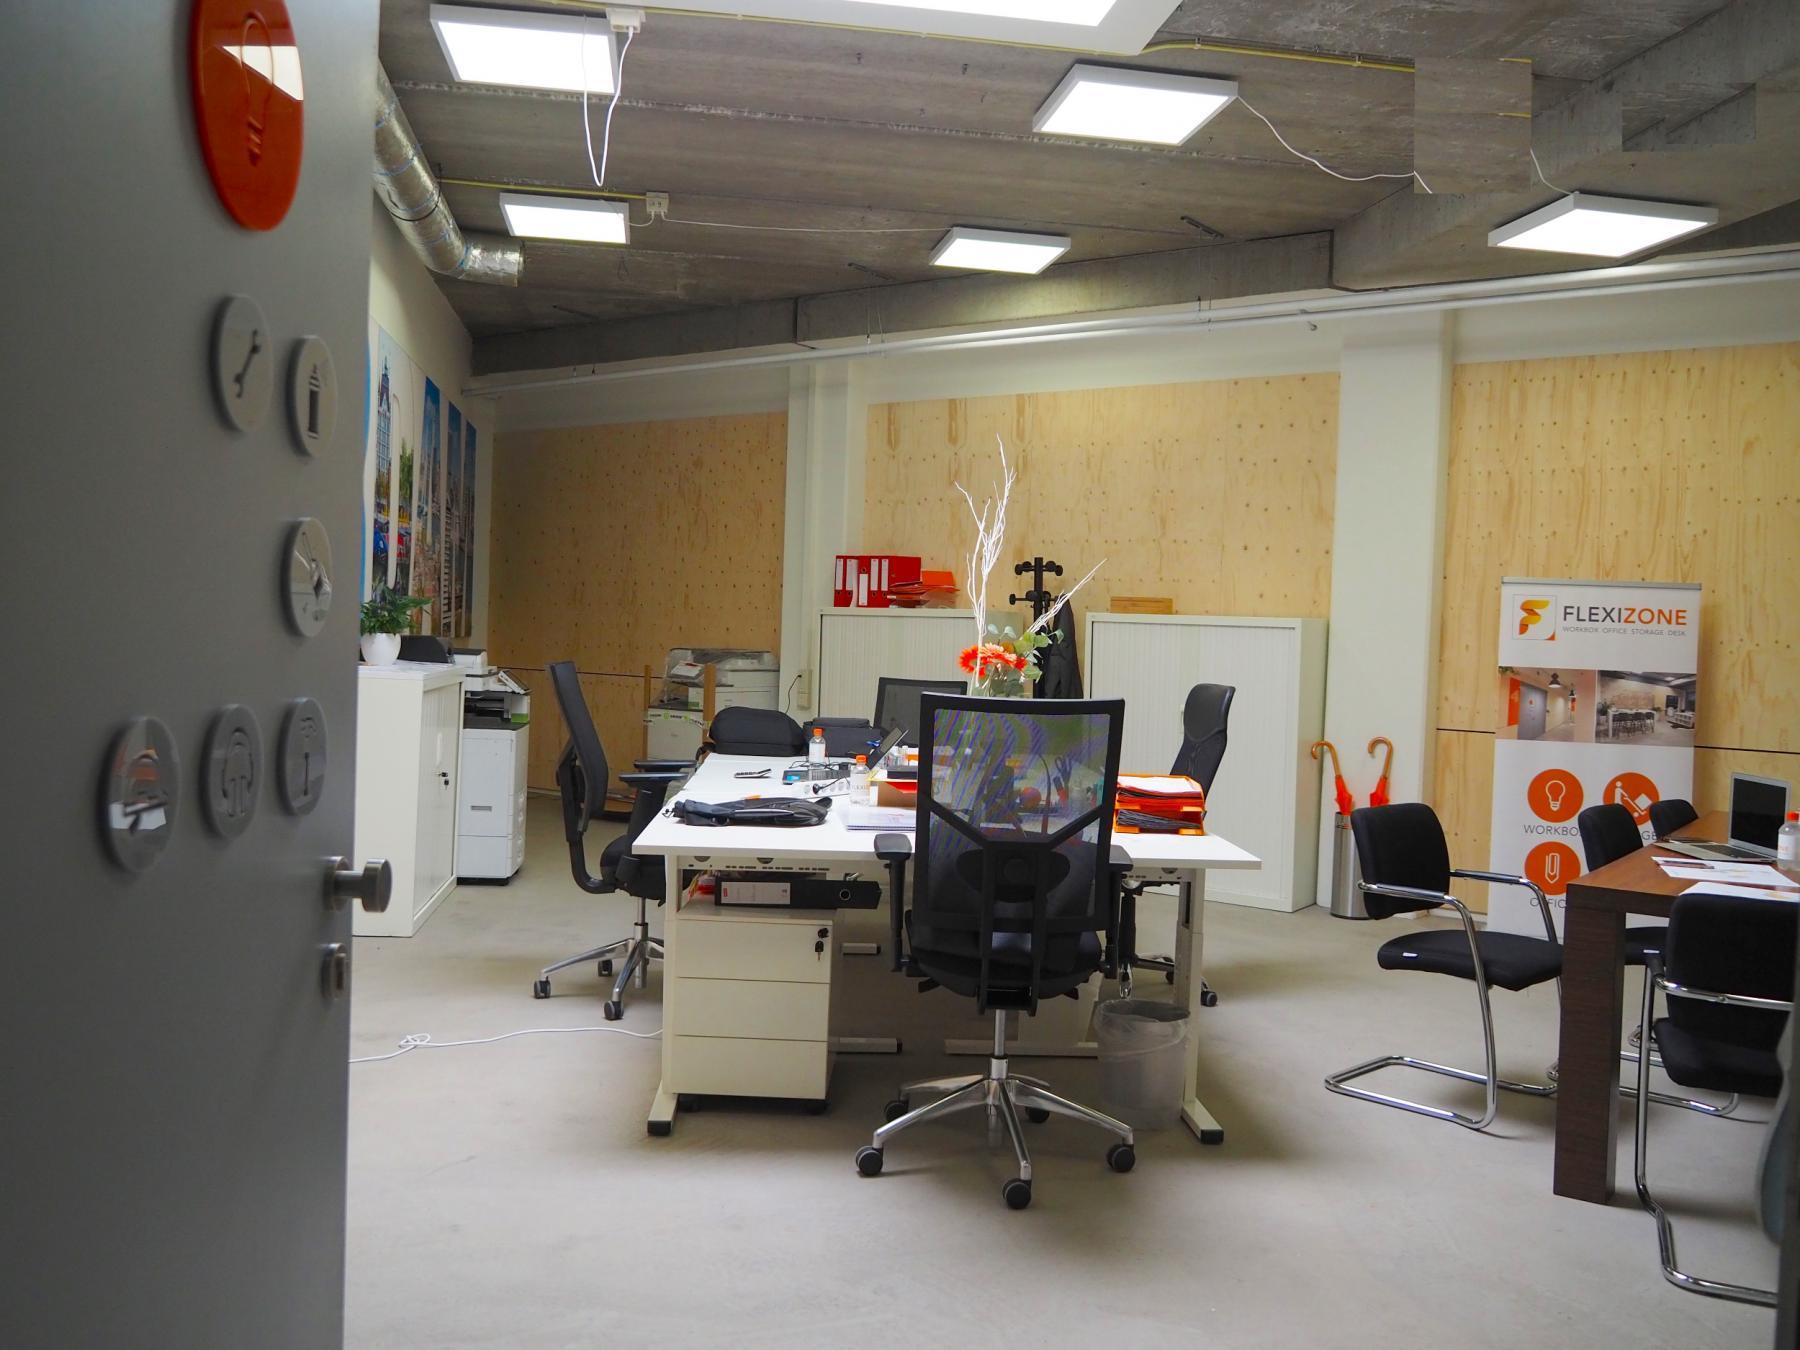 Rent office space Hoofdveste 2, Houten (3)